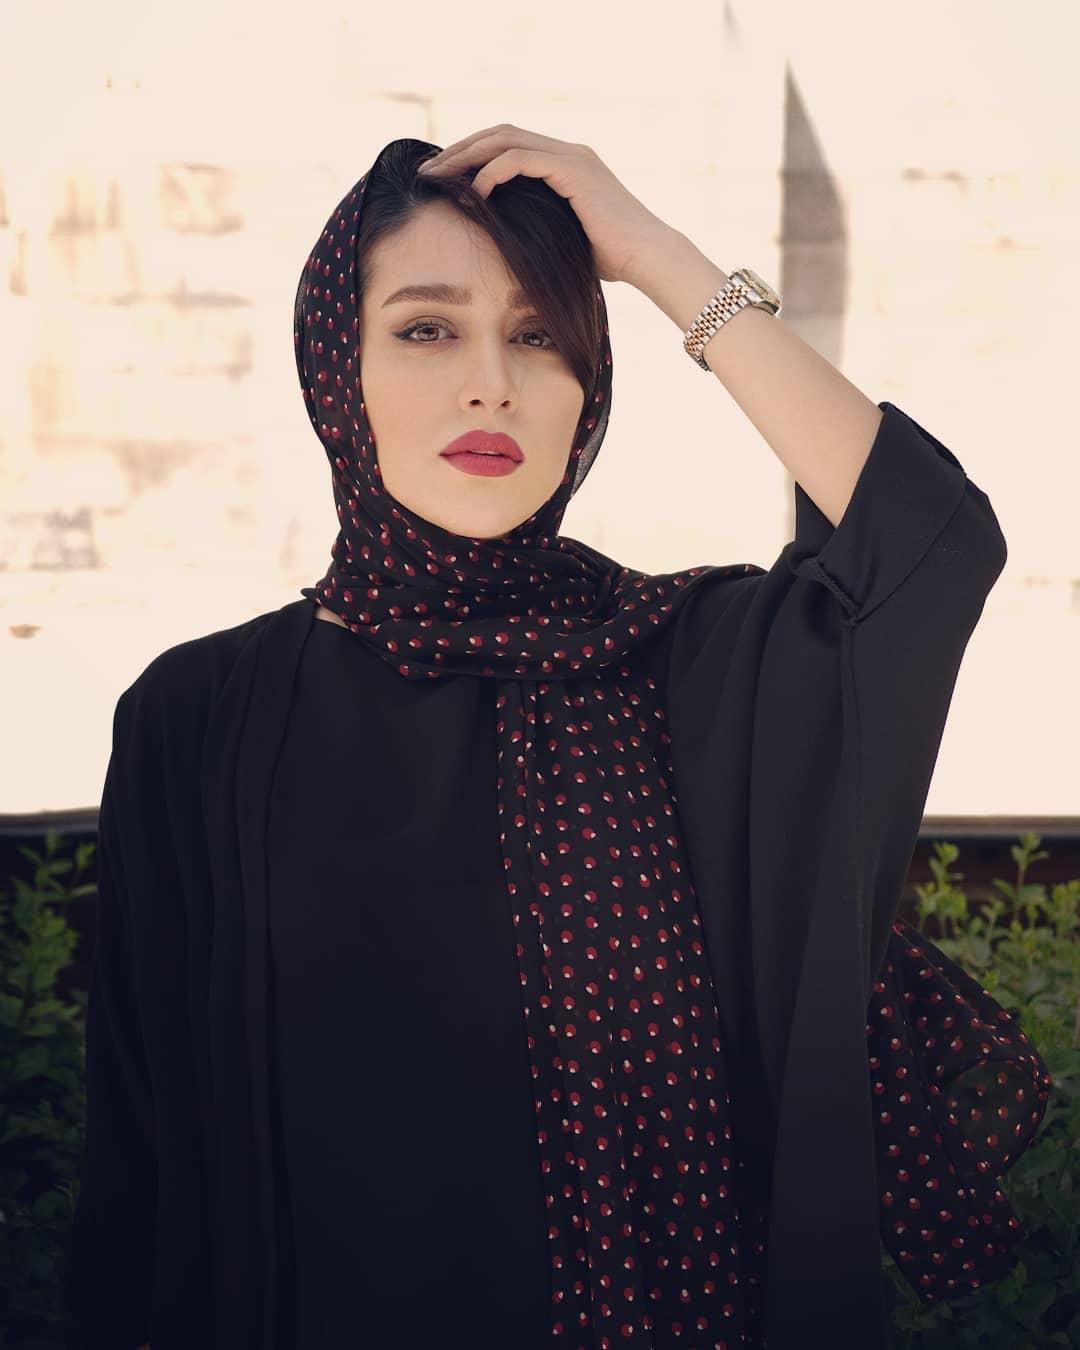 بیوگرافی میترا رفیع بازیگر +اینستاگرام